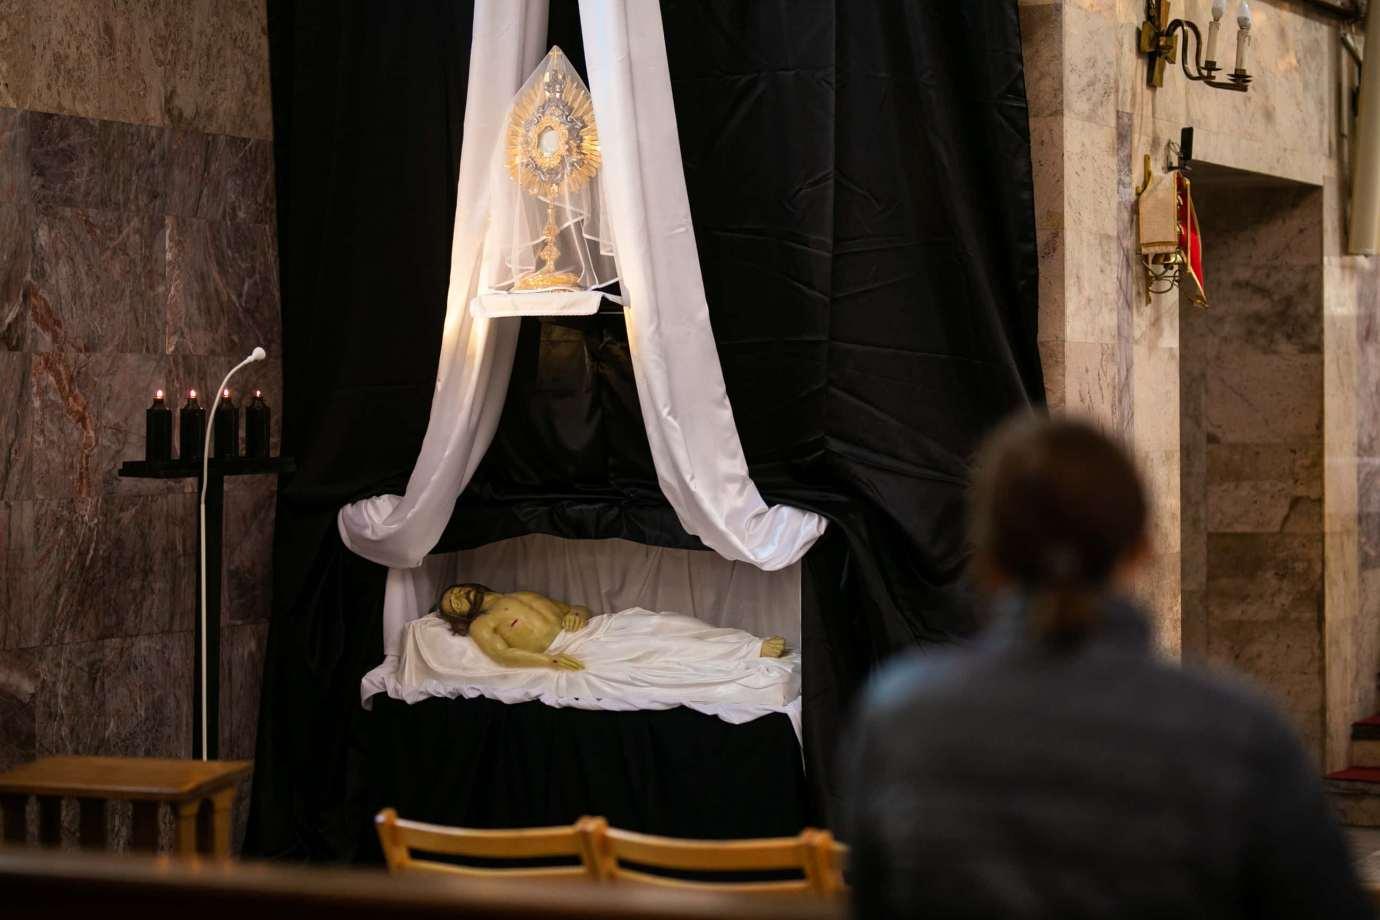 parafia pw swietego krzyza w zamosciu 2 Zdjęcia grobów pańskich w zamojskich świątyniach